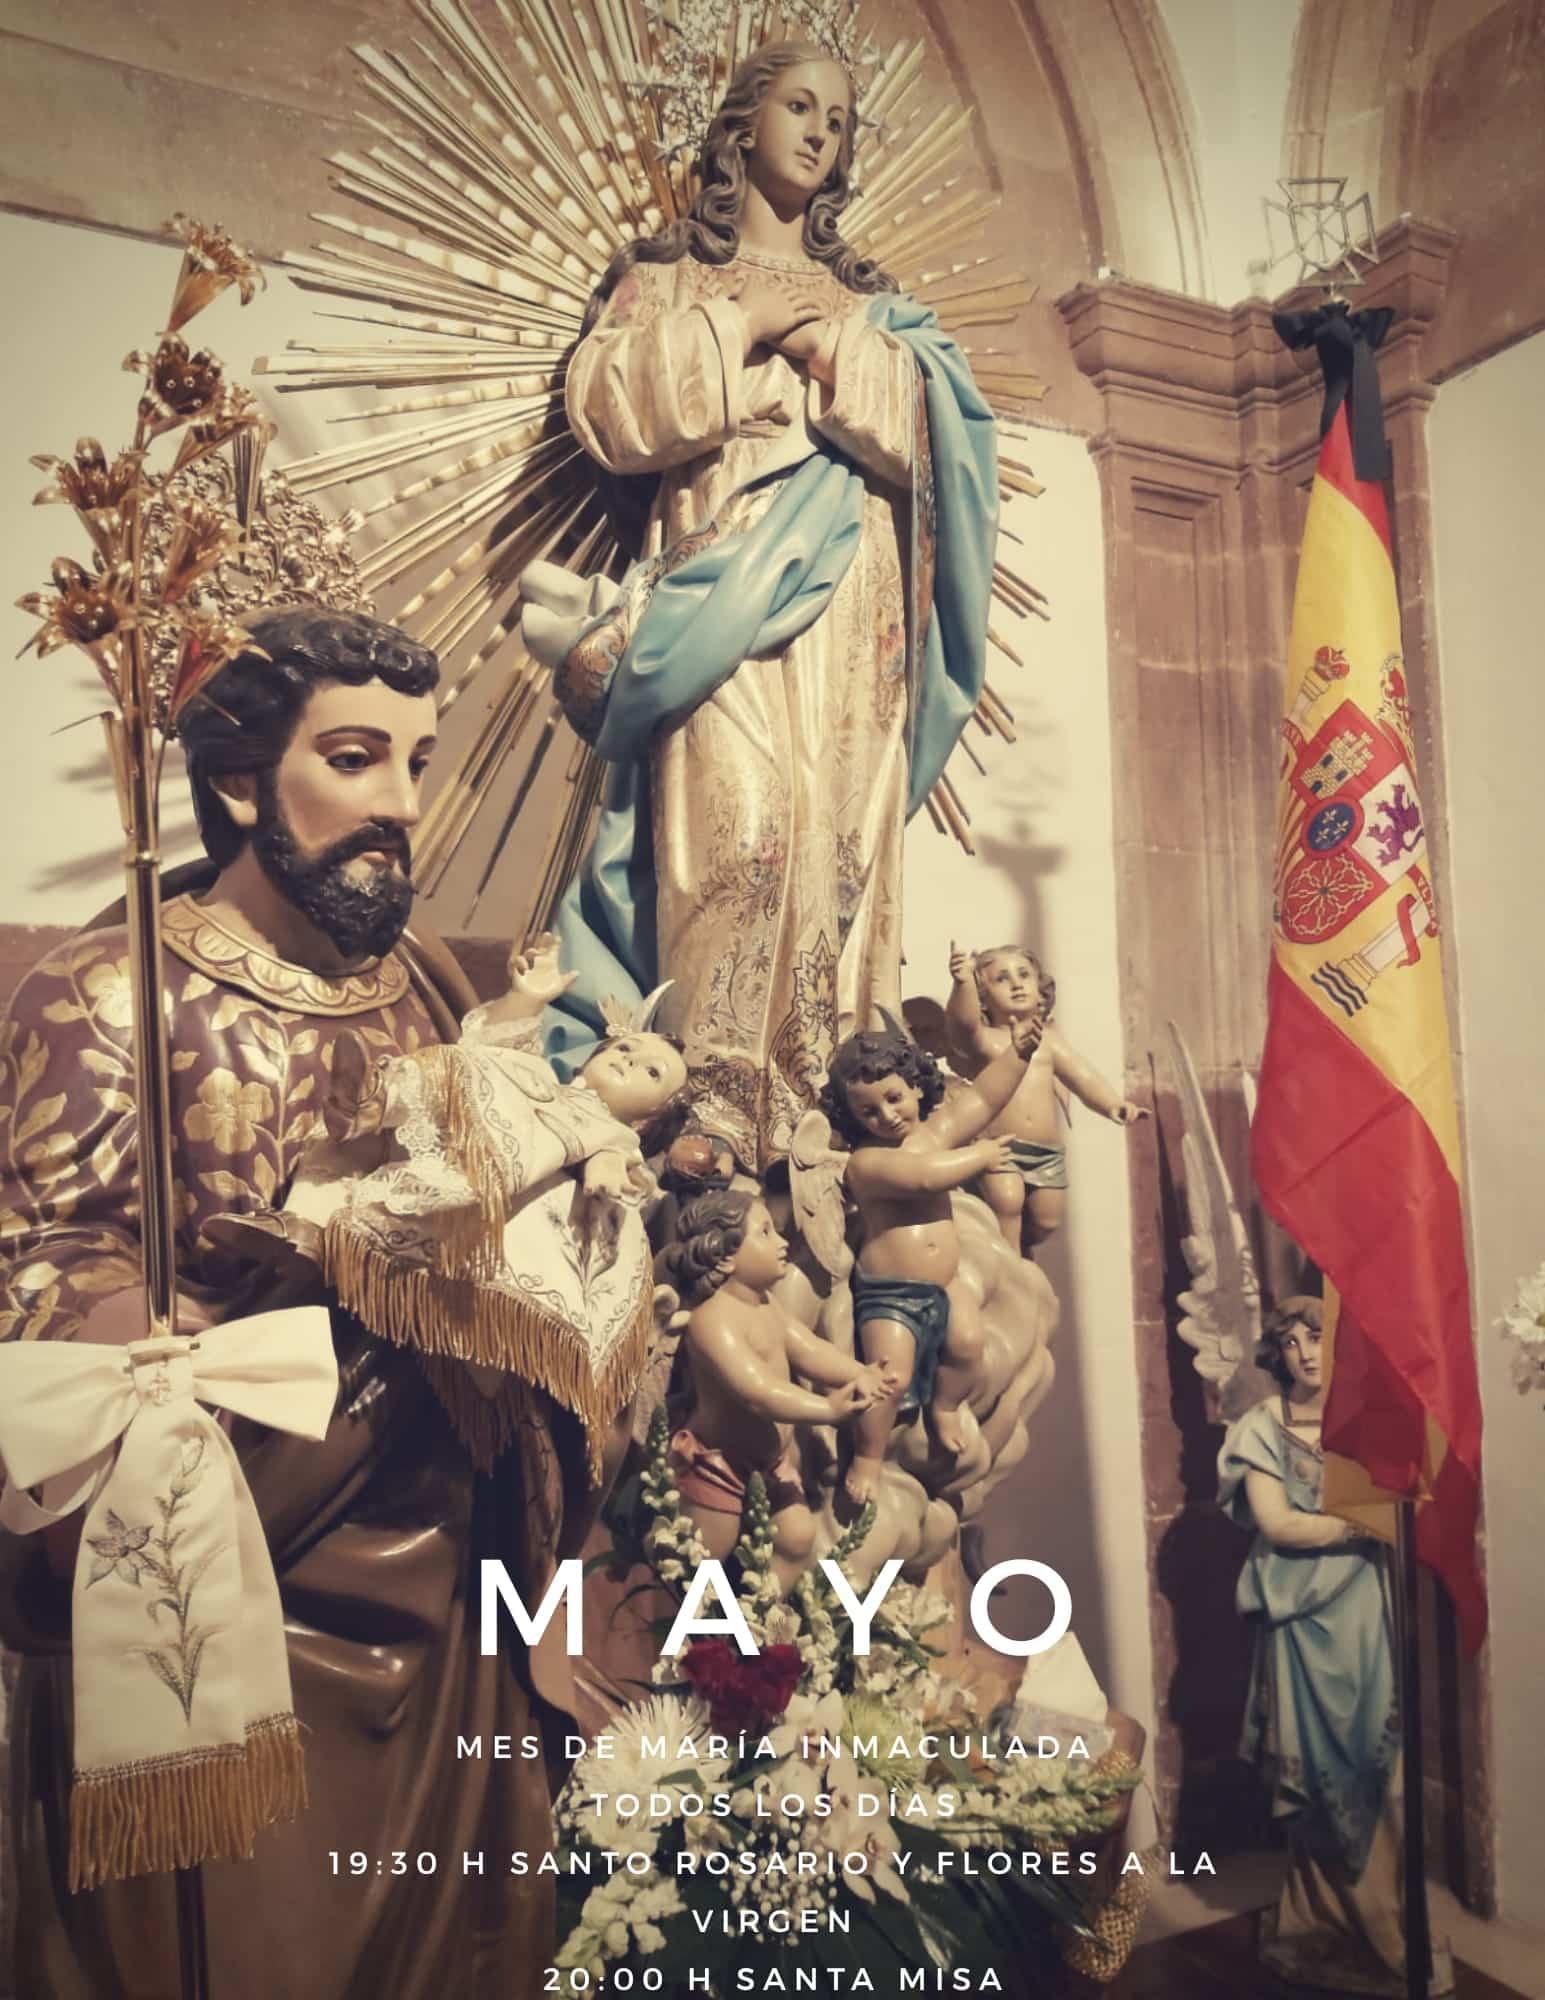 Mes de mayo en la parroquia - La parroquia Inmaculada Concepción inicia un mes de mayo dedicado a María